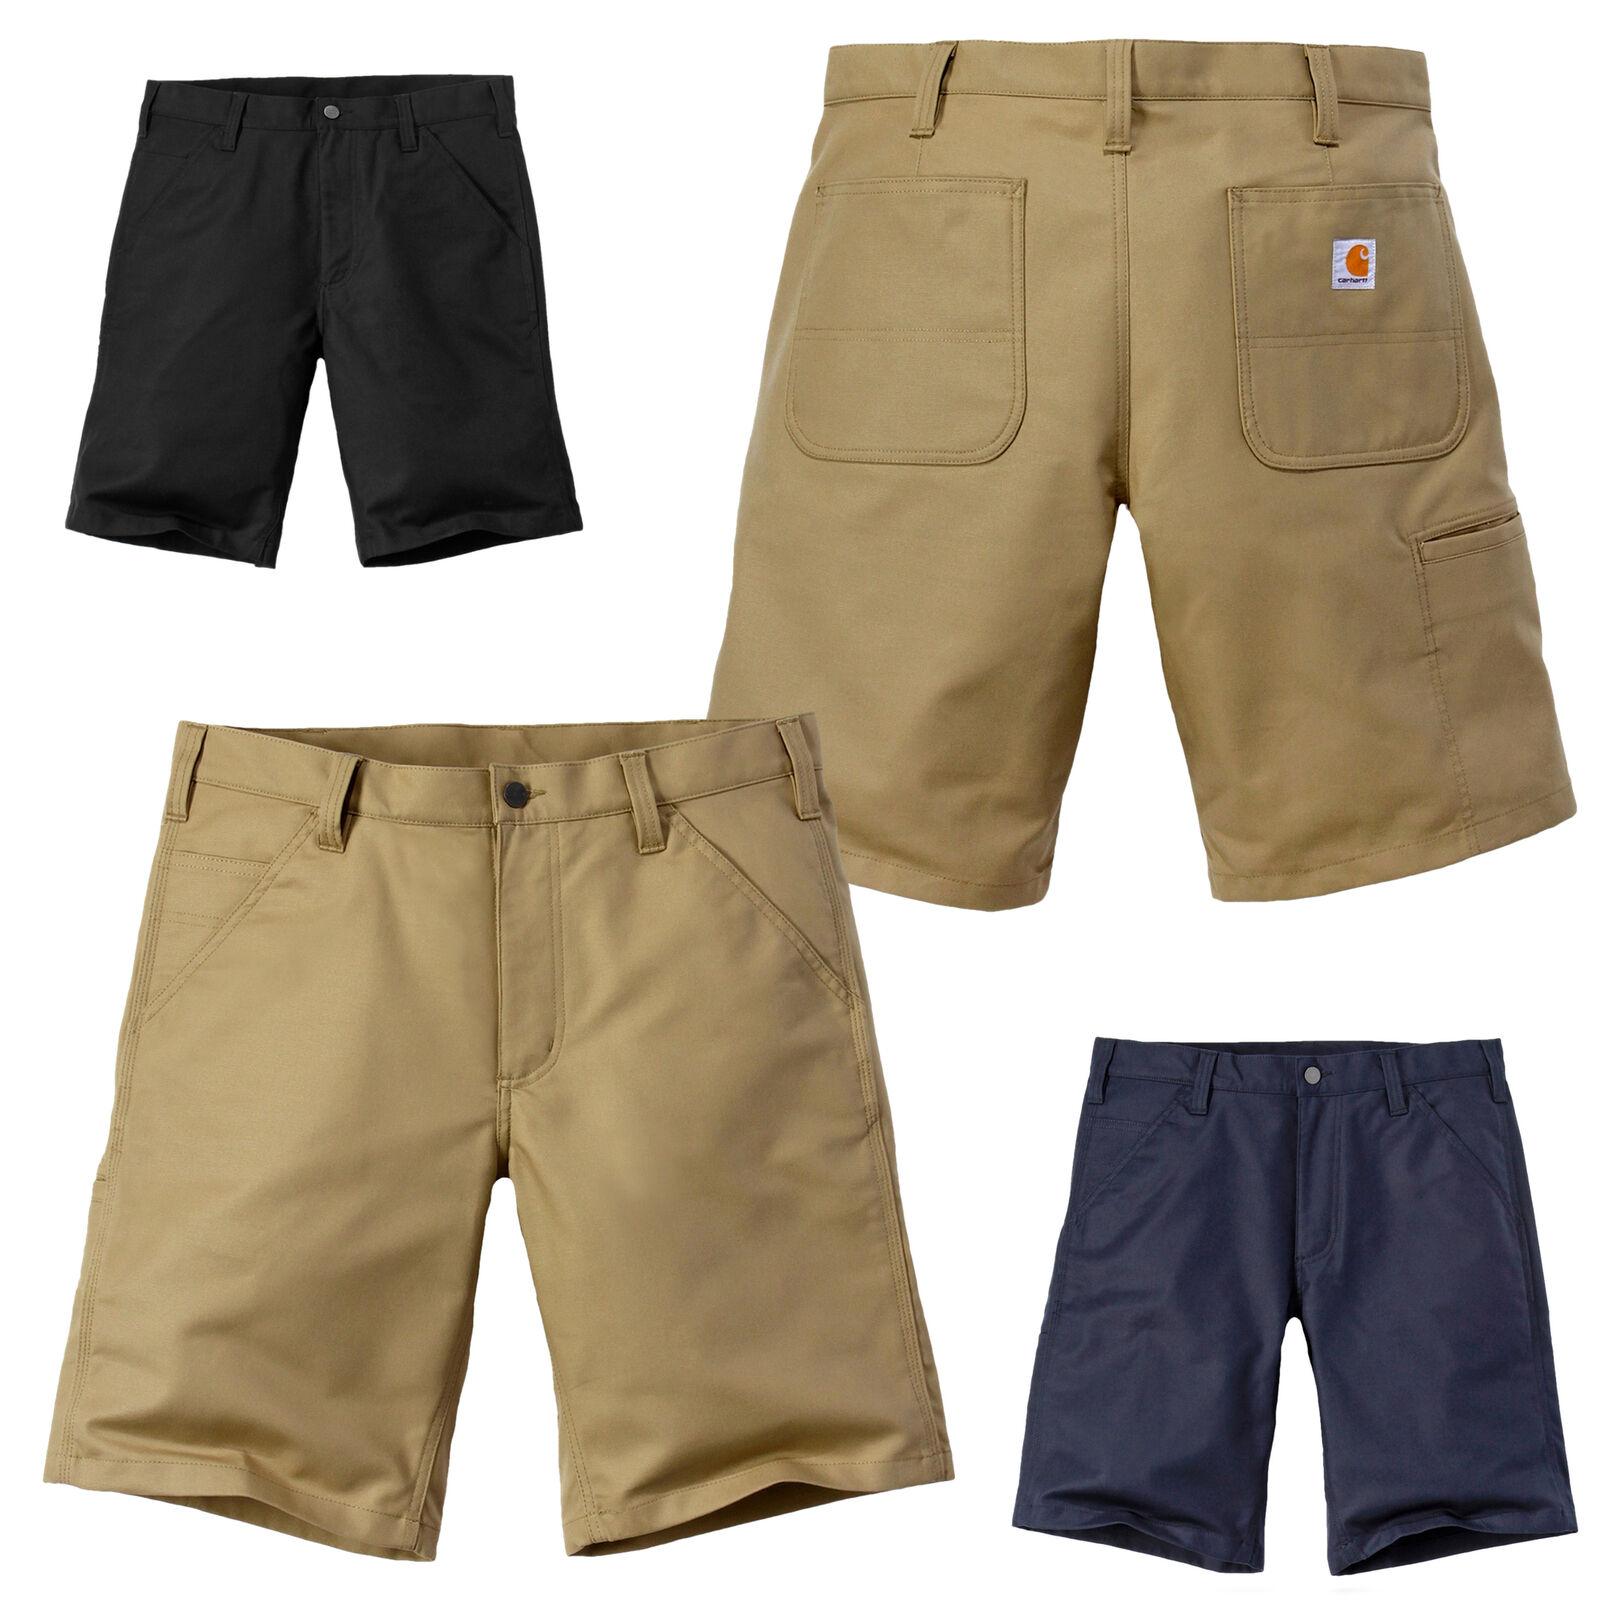 f1cc921e69a18 Carhartt Herren Shorts Rugged Stretch Canvas Kurze Hose Cargo Pant / W28  bis W42*